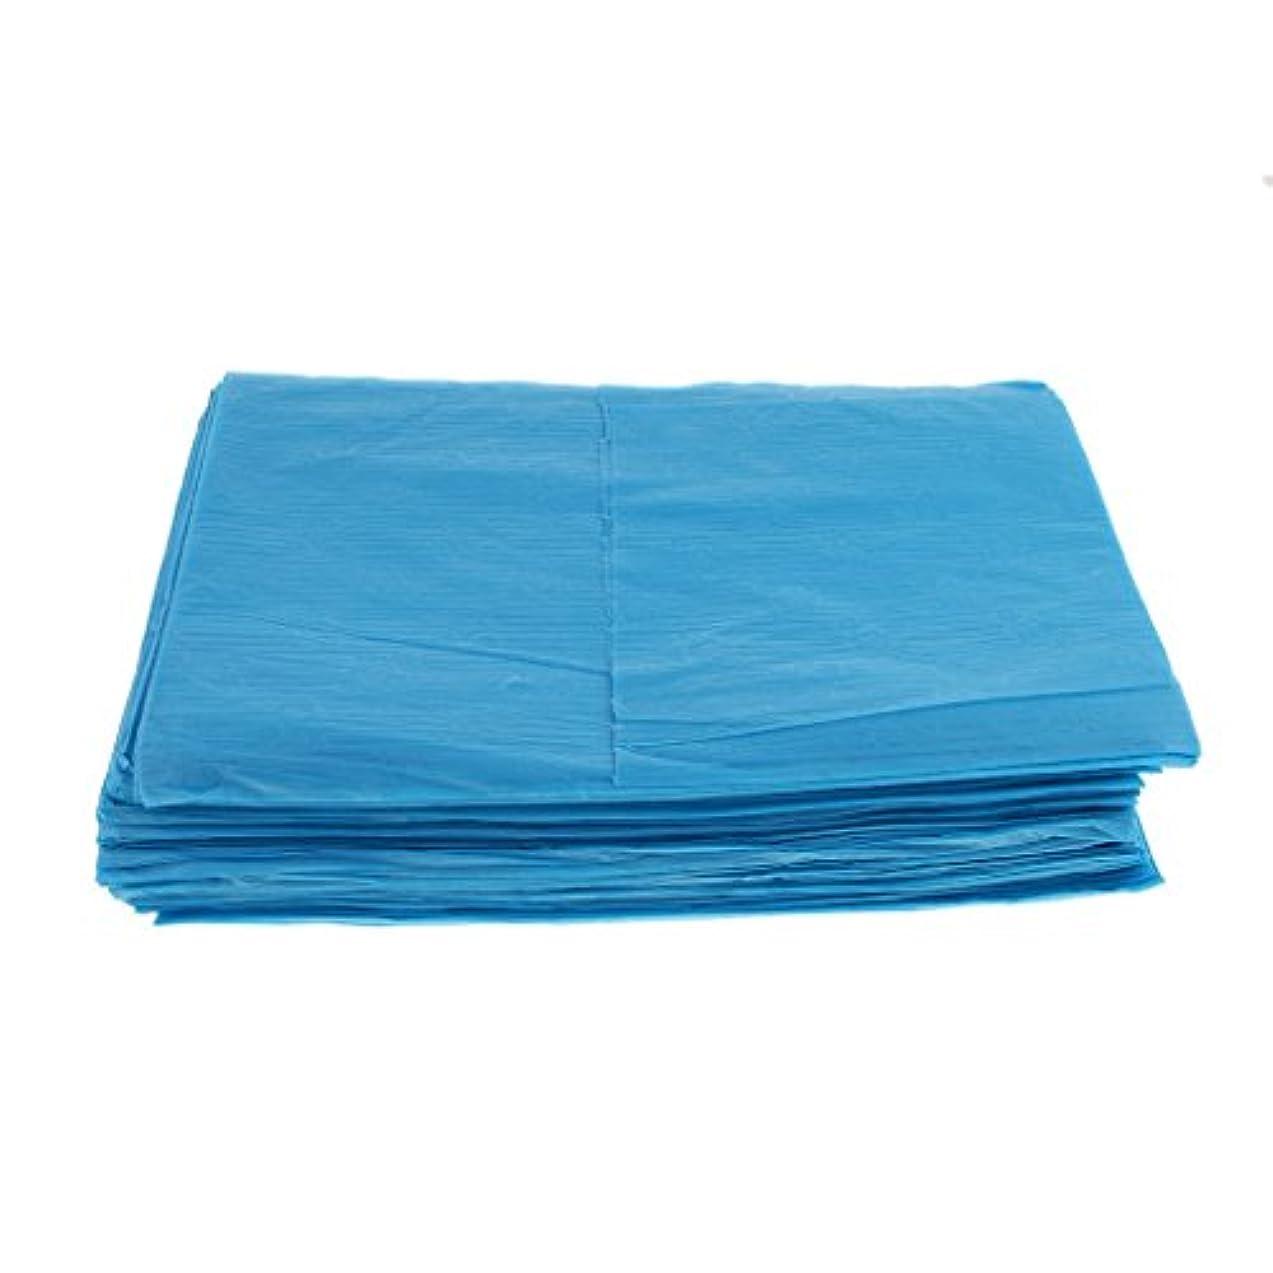 ミキサー電極納屋10枚 使い捨て ベッドシーツ サロン ホテル ベッドパッド カバー シート 2色選べ - 青